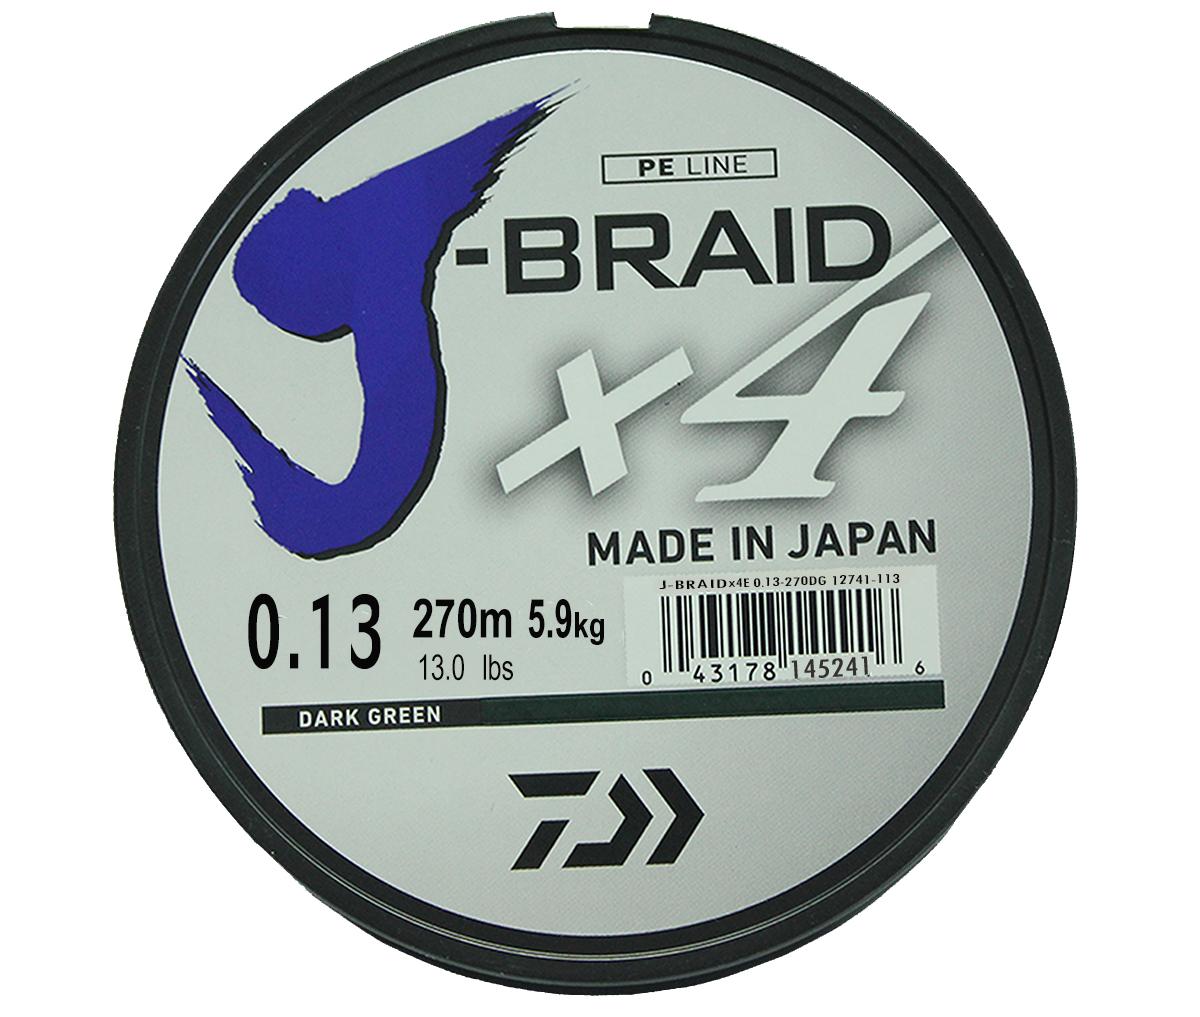 Шнур плетеный Daiwa J-Braid X4, цвет: зеленый, 270 м, 0,13 мм61170Новый четырехжильный шнур J-Braid от Daiwa - шнур высокого класса с удивительным соотношением цены и качества. Качество плетения полностью соответствует японским стандартам и удовлетворяет всем требованиям. Представленные диаметры позволяют использовать шнур для всех техник ловли, начиная от Ultra-Light ловли окуня, до морской ловли палтуса, трески и так далее.